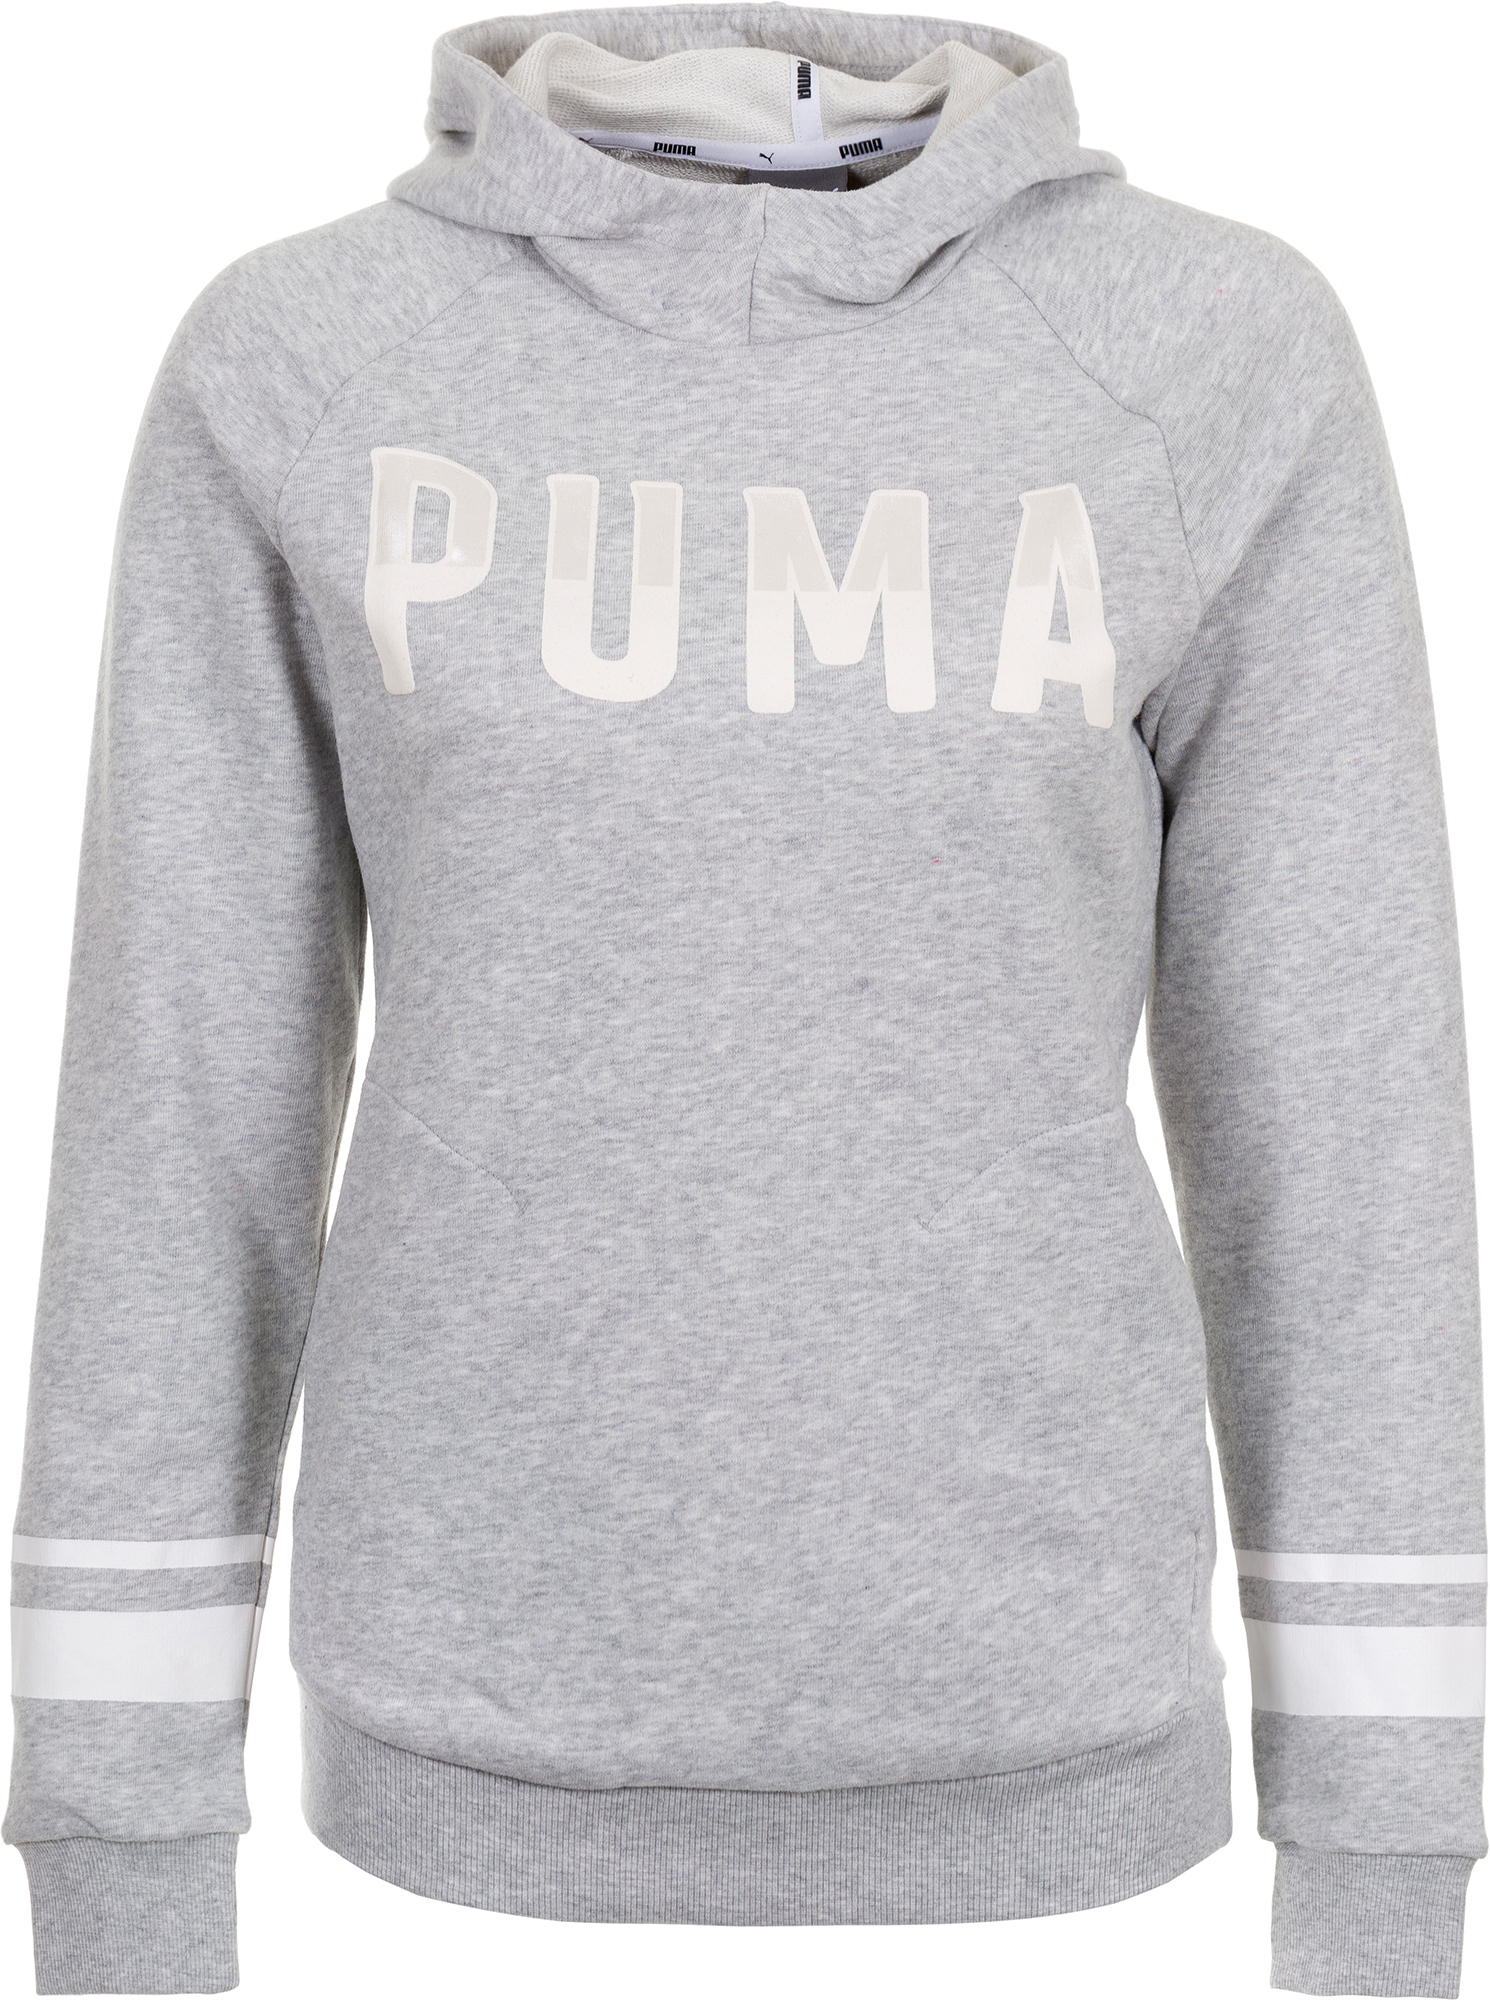 купить Puma Джемпер женский Puma Athletic, размер 46-48 по цене 3999 рублей